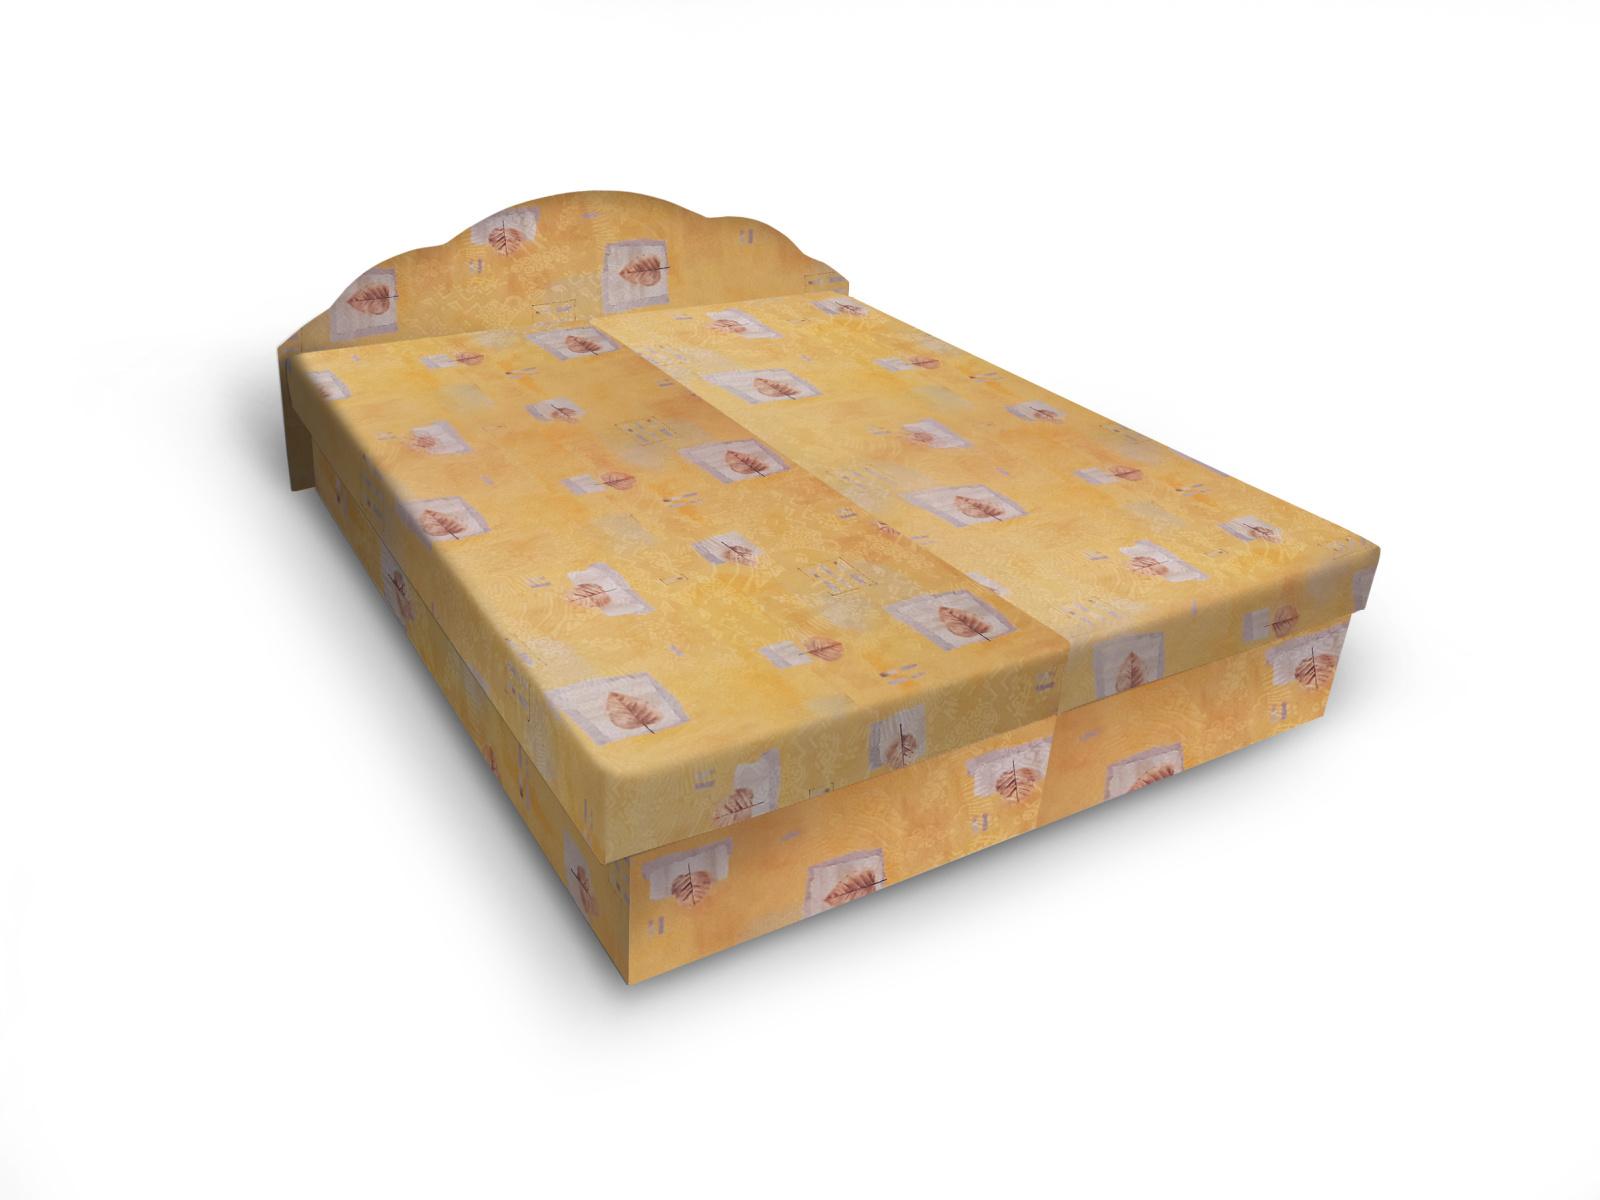 Smartshop Čalouněná postel JITKA 160x195 cm, žlutá látka